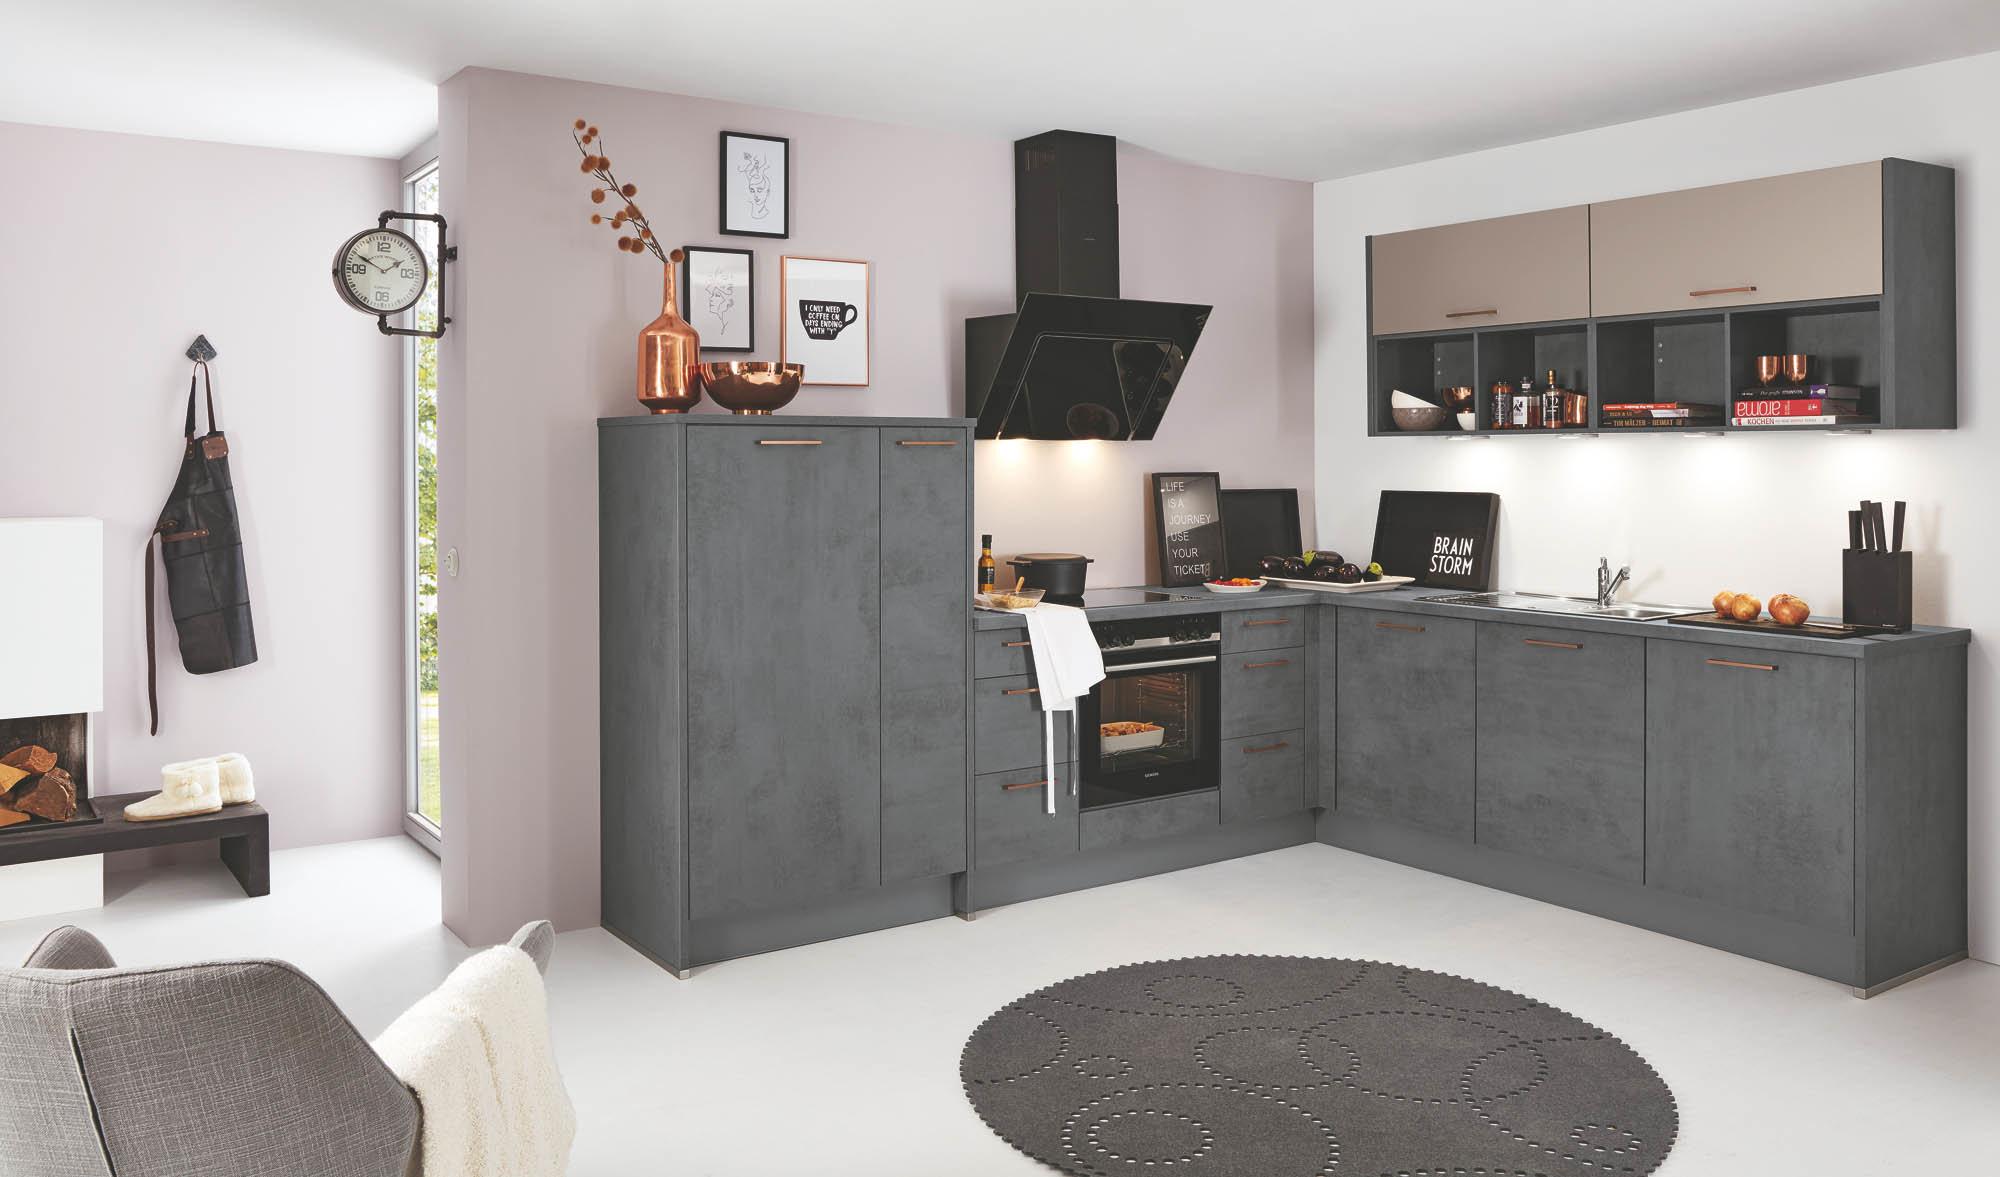 Full Size of Küche Anthrazit Fliesen Küche Modern Anthrazit Küche Mit Anthrazit Boden Küche Anthrazit Gebraucht Küche Küche Anthrazit